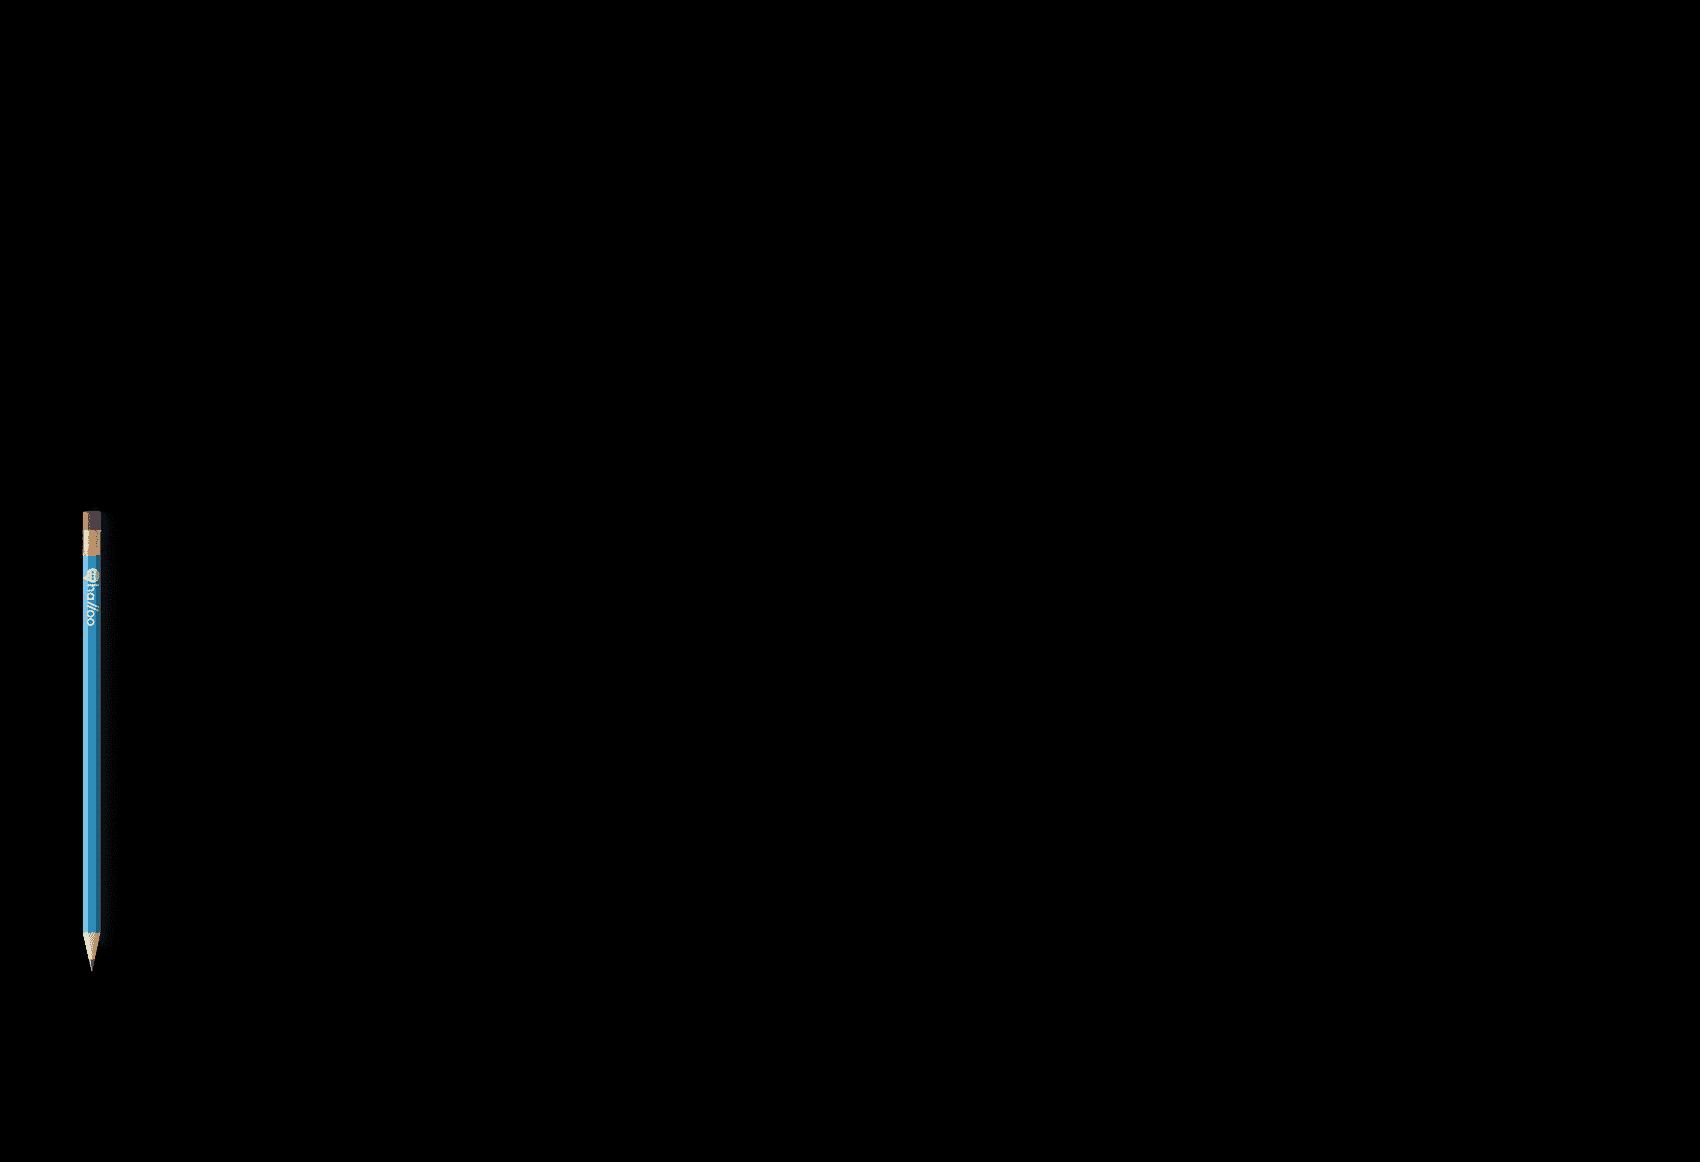 Helt-halloo-branding_identyfikacja wizualna